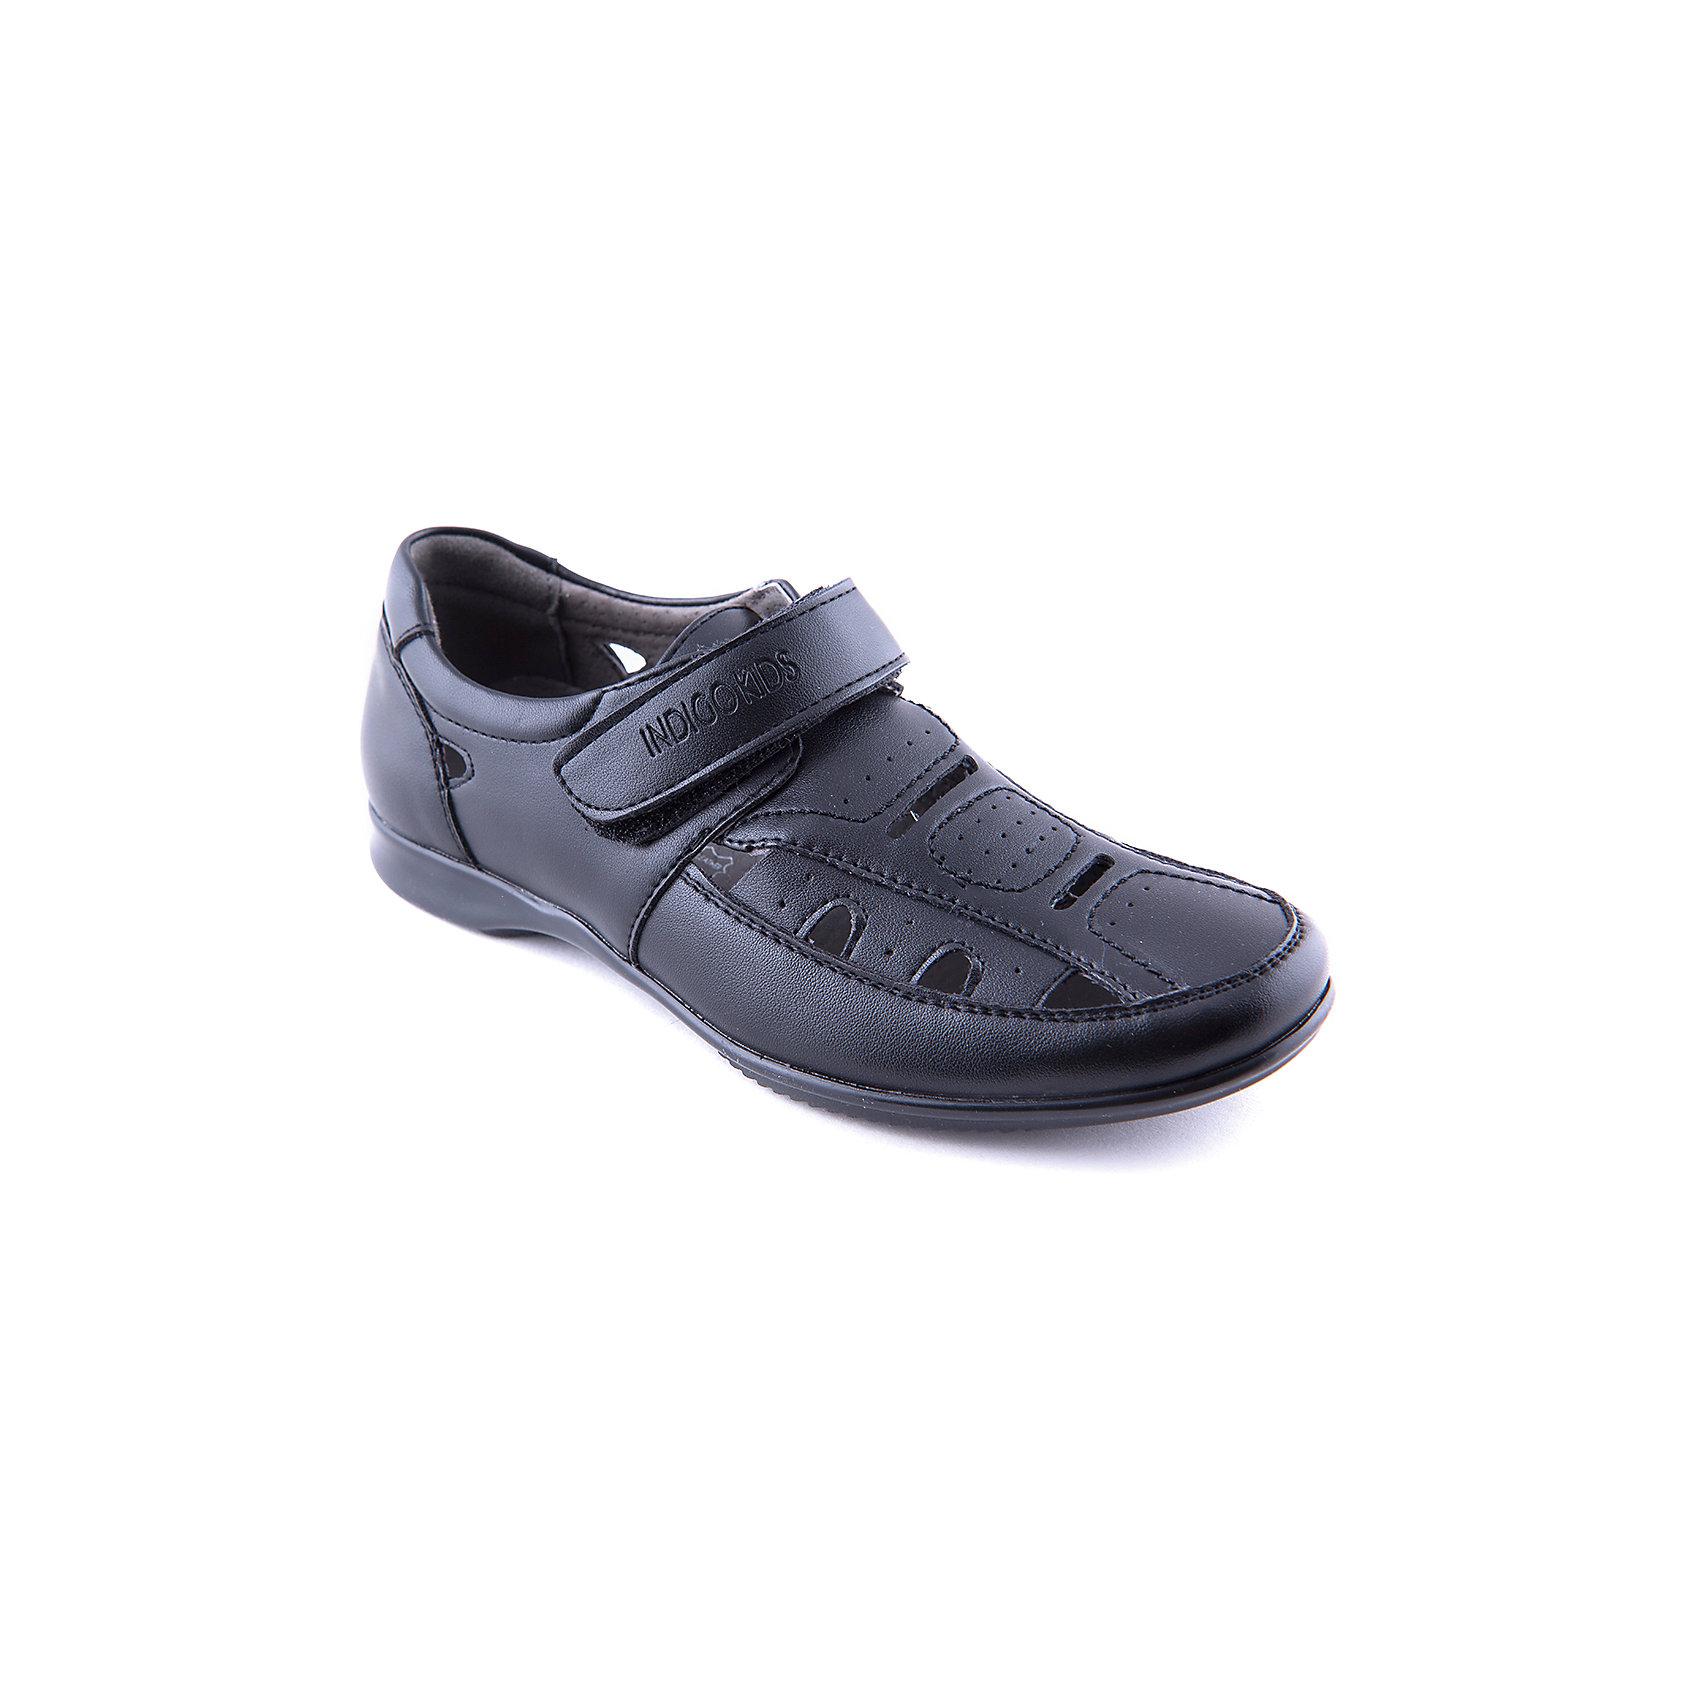 Полуботинки для мальчика Indigo kidsПолуботинки для мальчика от популярной марки Indigo kids.<br><br>Стильные черные полуботинки для мальчика помогут создать нарядный образ в теплое время года, а также станут удобной и элегантной обувью для школы.<br>Их отличительные особенности:<br>- универсальный черный цвет;<br>- комфортная колодка;<br>- удобная гибкая подошва;<br>- полуботинки позволяют коже ног дышать;<br>- надежно и быстро застегиваются на липучку;<br>- качественная подкладка из натуральной кожи.<br>Дополнительная информация:<br>- Сезон: демисезонные.<br>- Состав:<br>материал верха: искусственная кожа<br>материал подкладки: натуральная кожа<br>подошва: ТЭП.<br>Полуботинки для мальчика Indigo kids (Индиго кидс) можно купить в нашем магазине.<br><br>Ширина мм: 262<br>Глубина мм: 176<br>Высота мм: 97<br>Вес г: 427<br>Цвет: черный<br>Возраст от месяцев: 132<br>Возраст до месяцев: 144<br>Пол: Мужской<br>Возраст: Детский<br>Размер: 35,33,37,36,34,32<br>SKU: 4202950